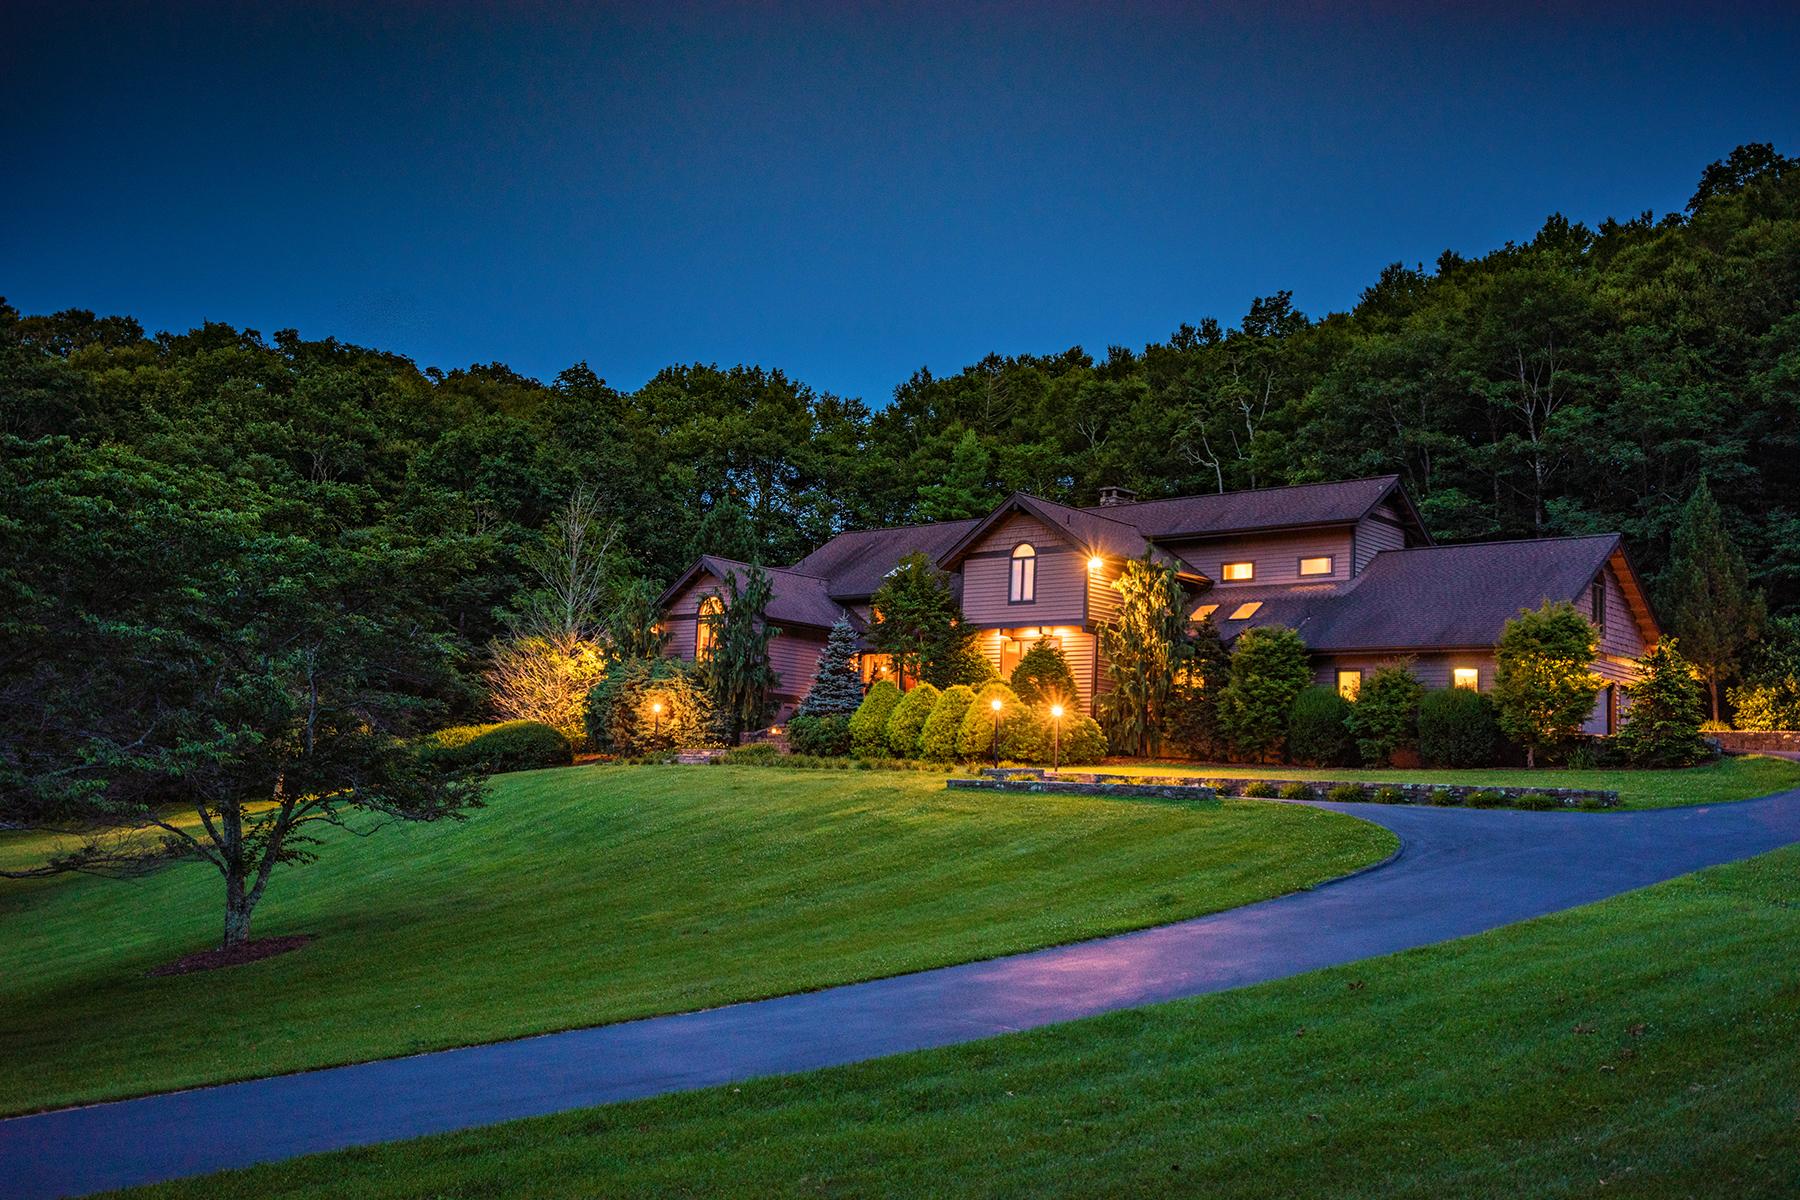 独户住宅 为 销售 在 BLOWING ROCK - LAUREL CHASE 251 Laurel Chase, Blowing Rock, 北卡罗来纳州, 28605 美国